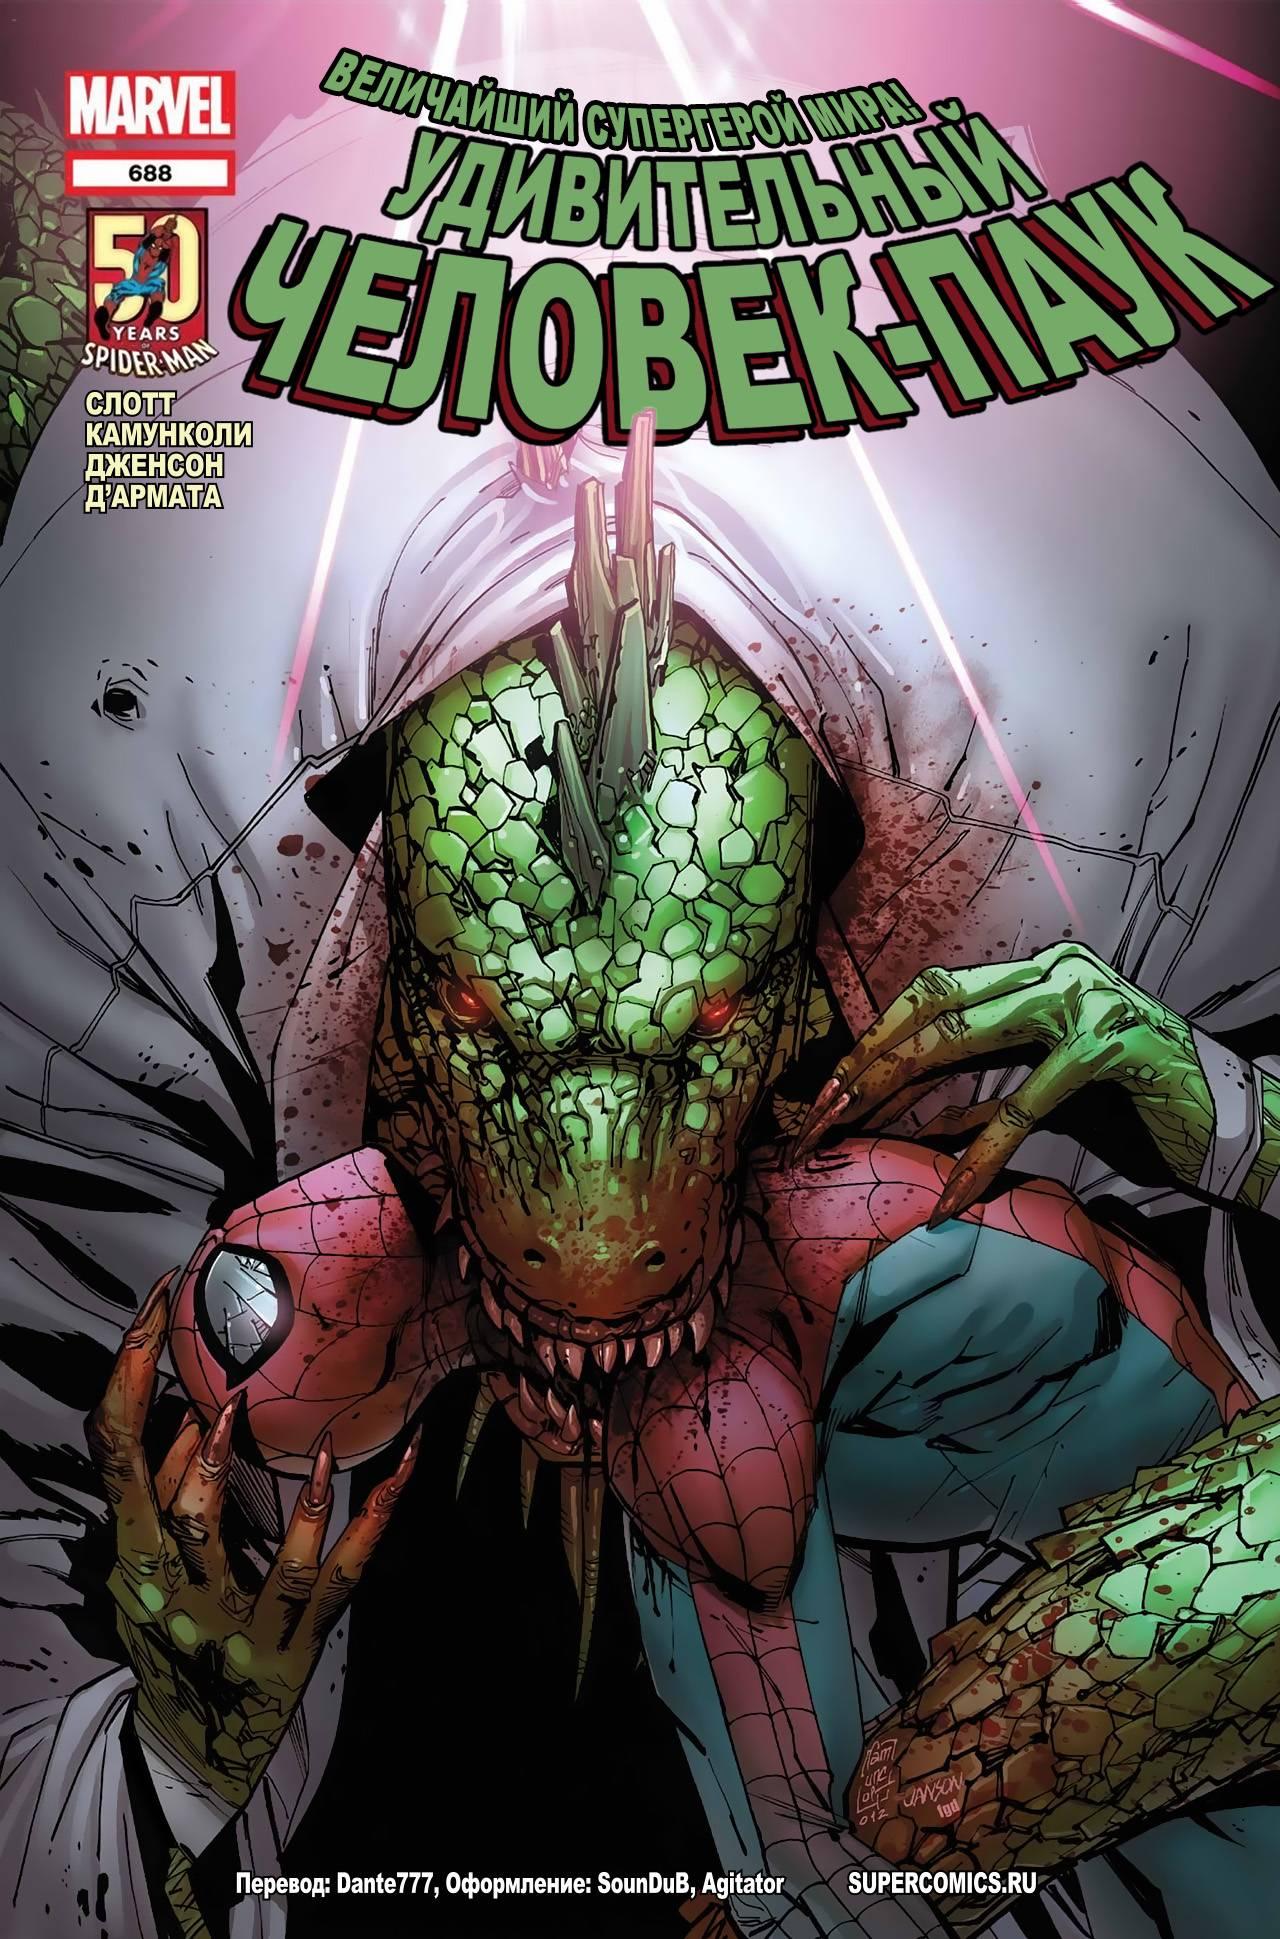 Удивительный Человек-паук №688 онлайн